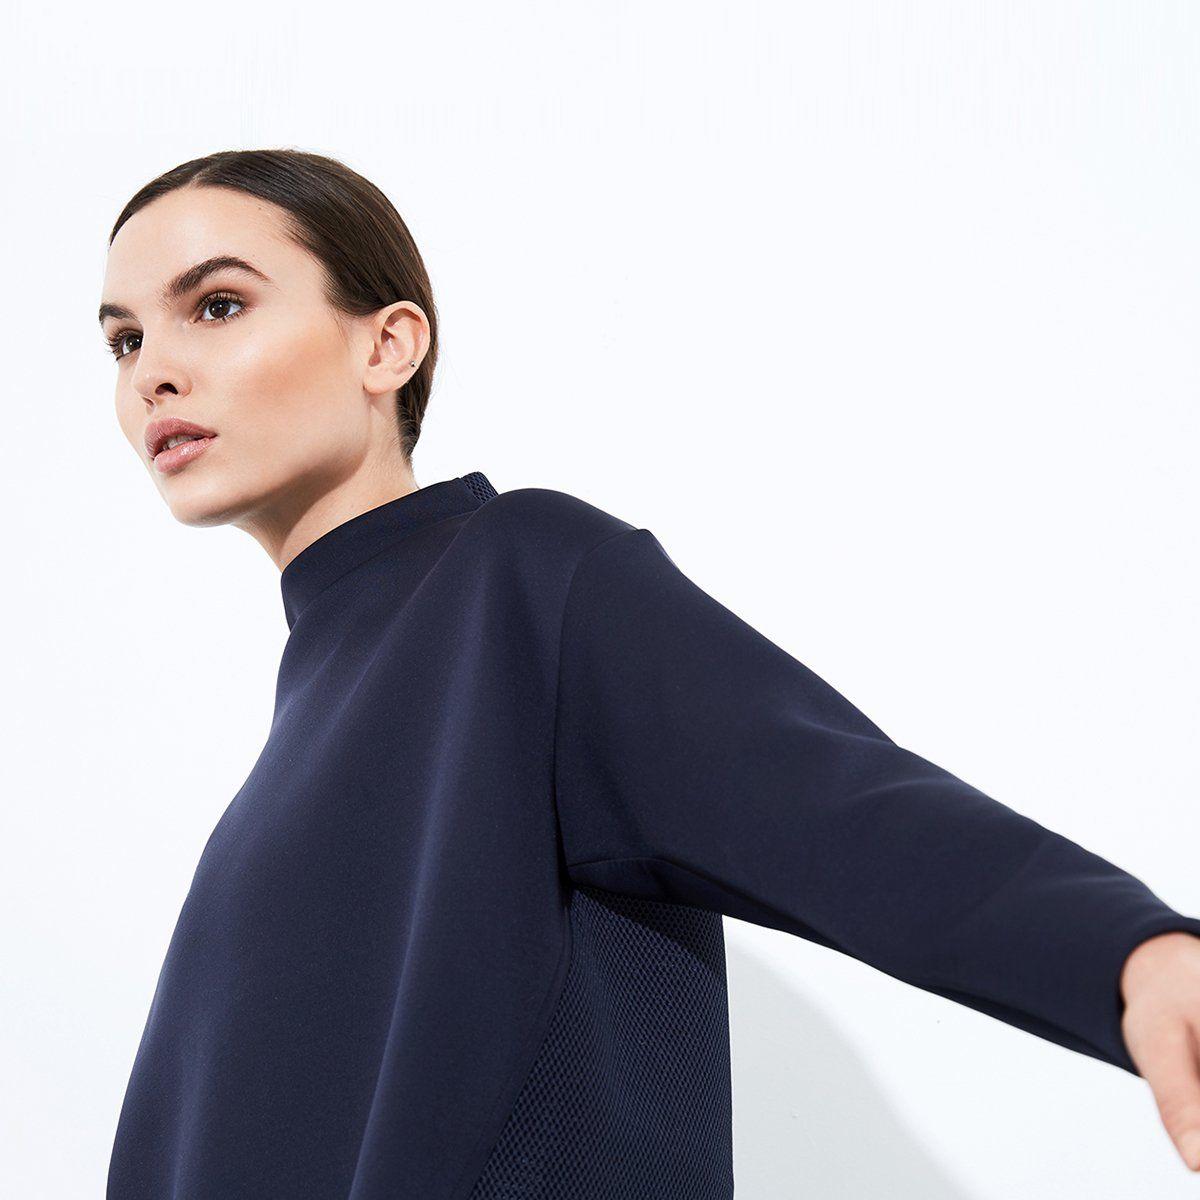 Like A Boss Sweatshirt Women S Sweatshirt Aday Sweatshirts Women Neck Curve Sweatshirts [ 1200 x 1200 Pixel ]